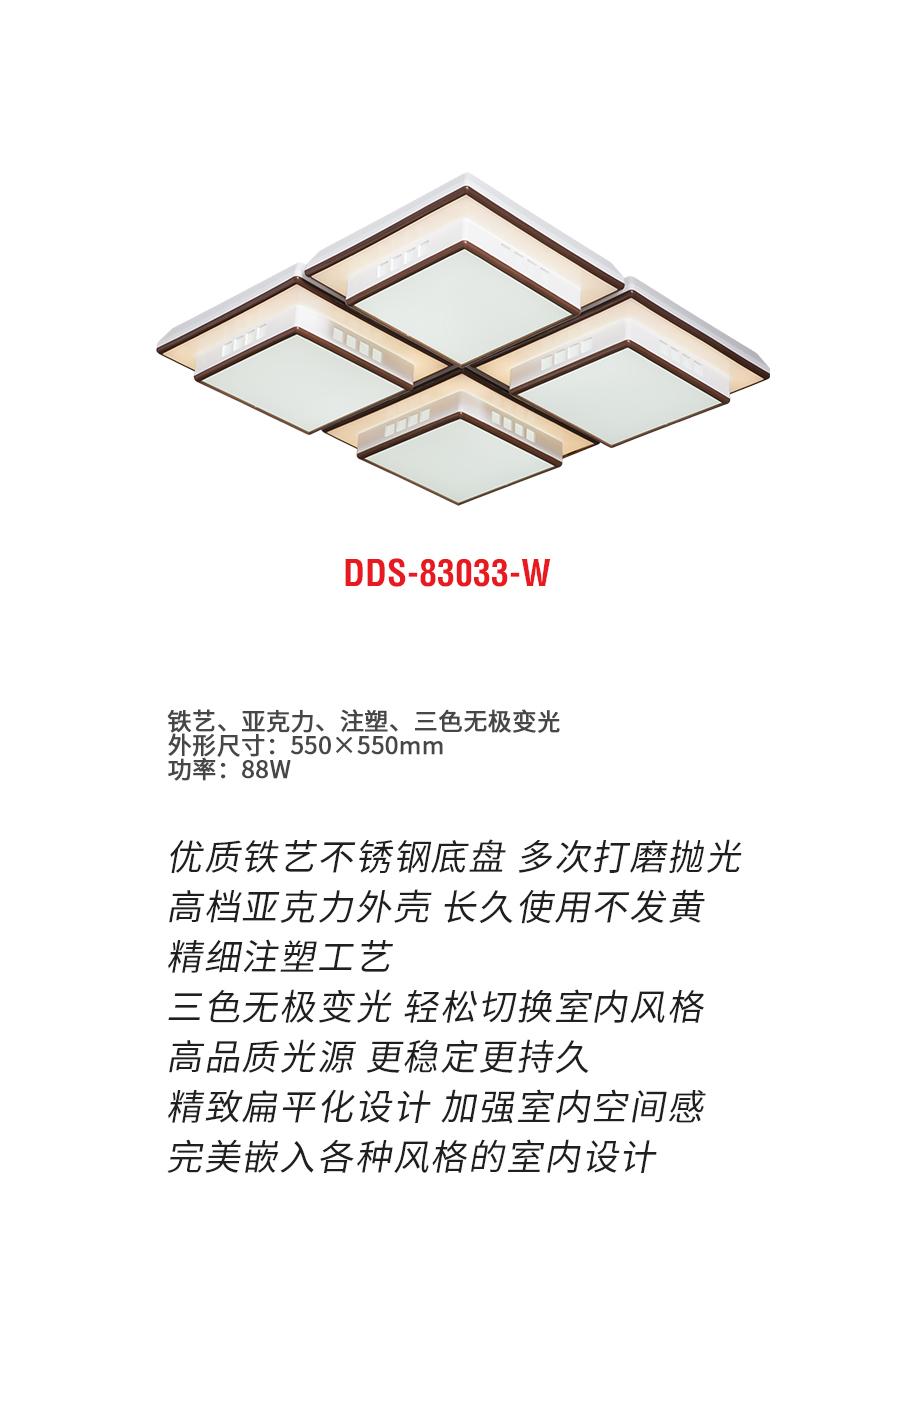 DDS-83033Wb.jpg